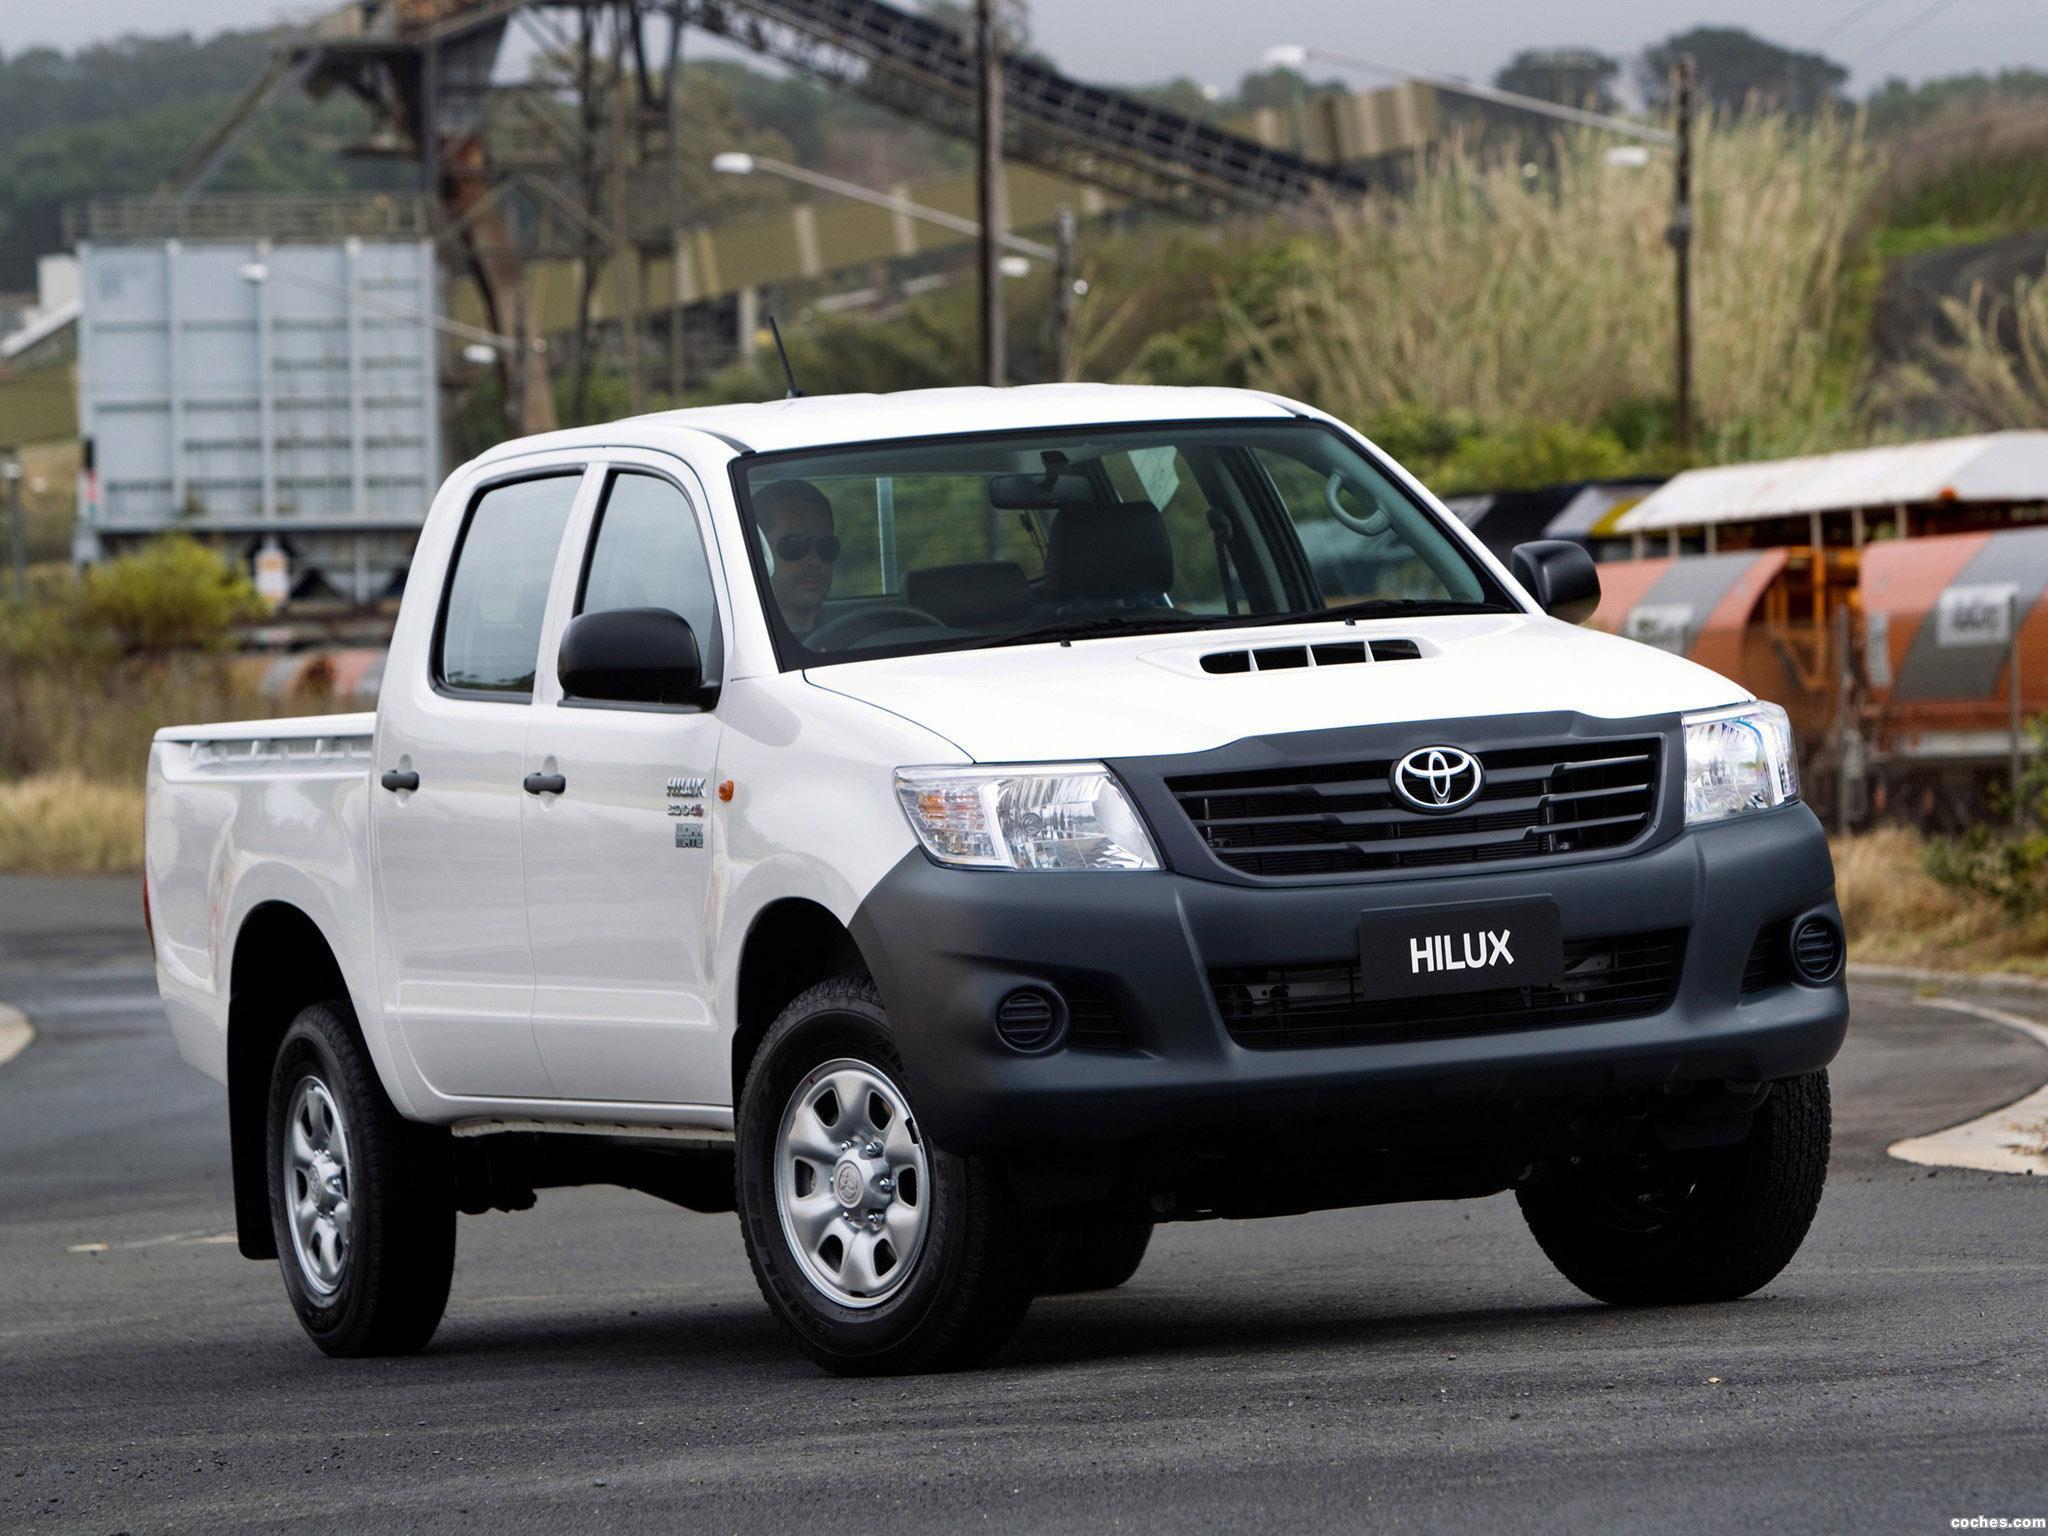 Foto 0 de Toyota Hilux WorkMate Double Cab 4x4 2011